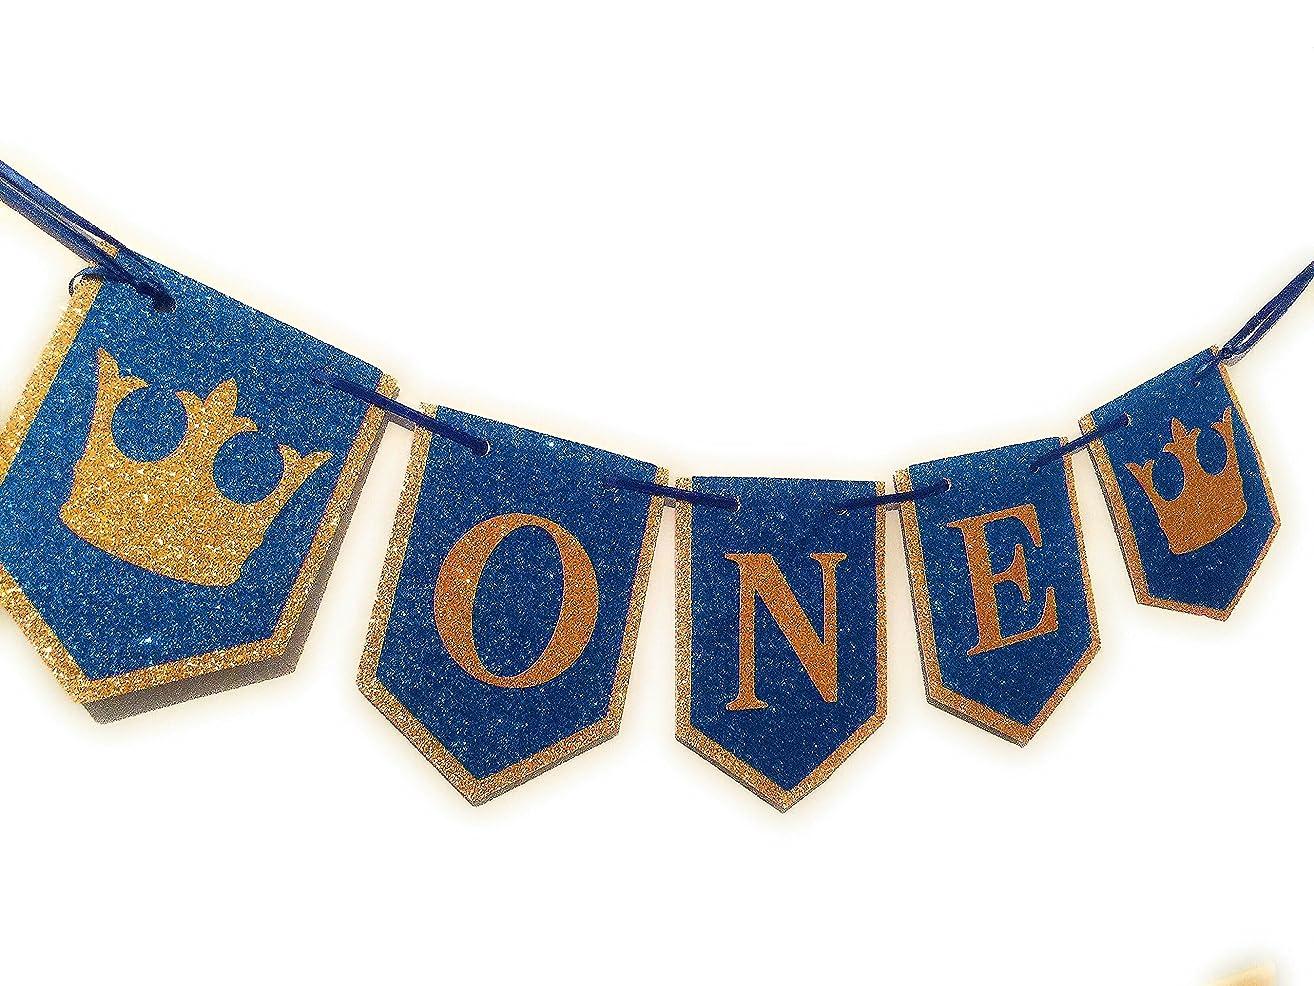 Royal Prince High Chair Birthday - Prince Decorations - Blue Gold Decorations - High Chair Banner